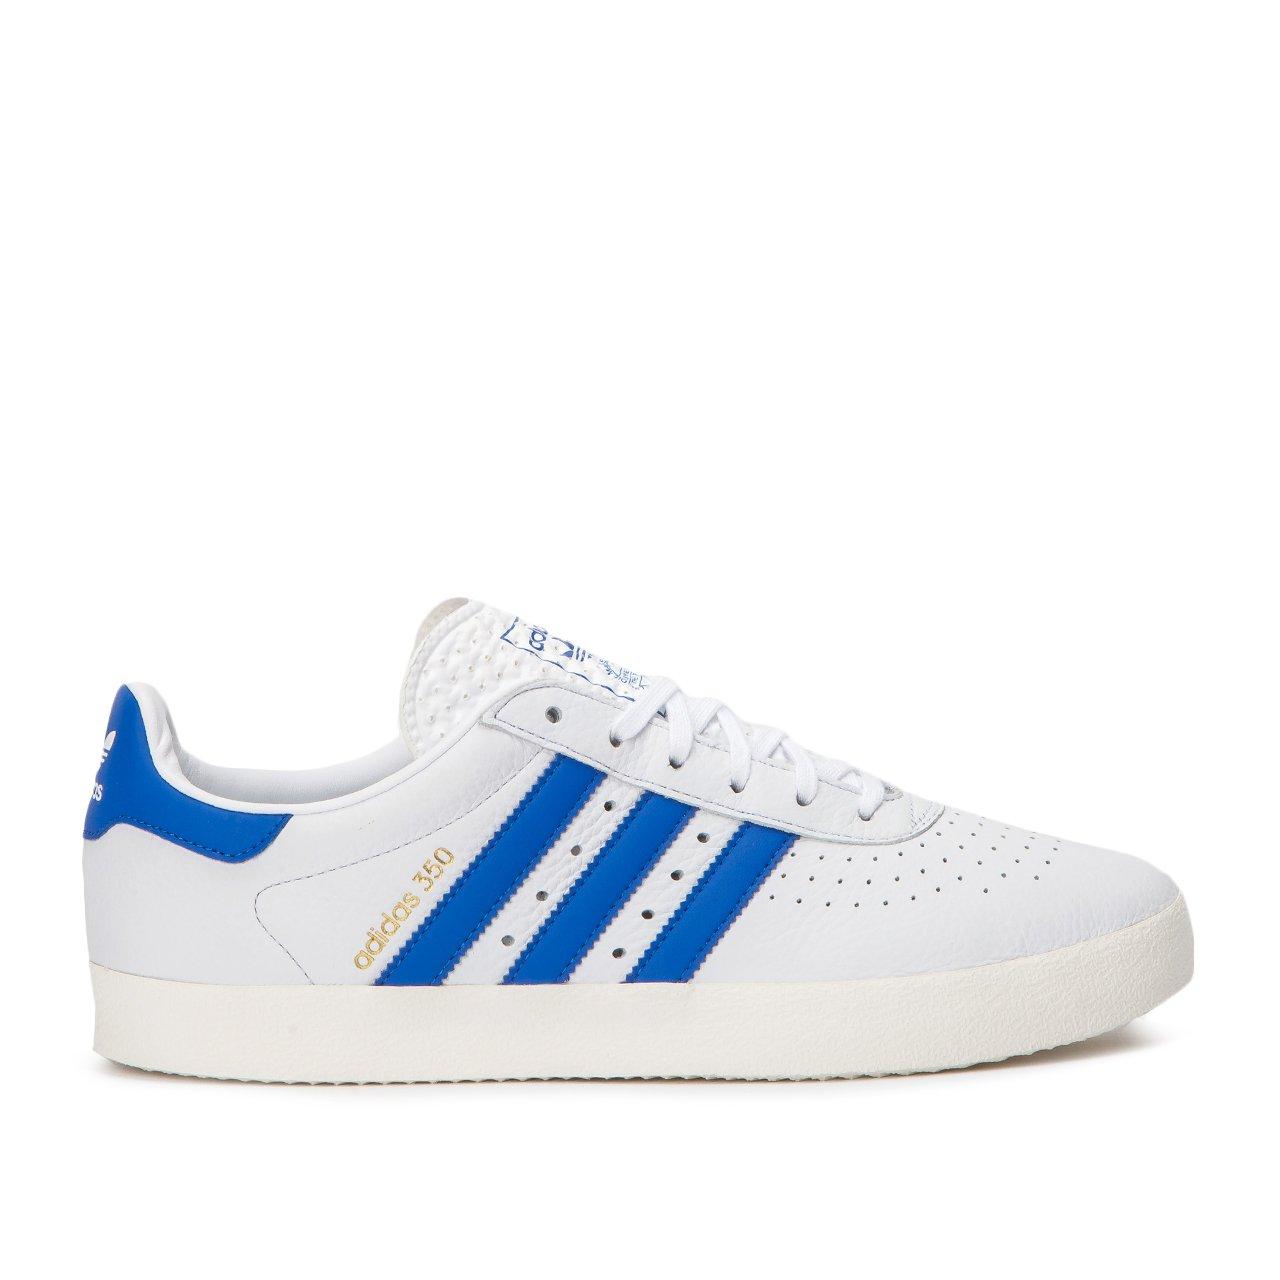 adidas 350 (Weiß / Blau)